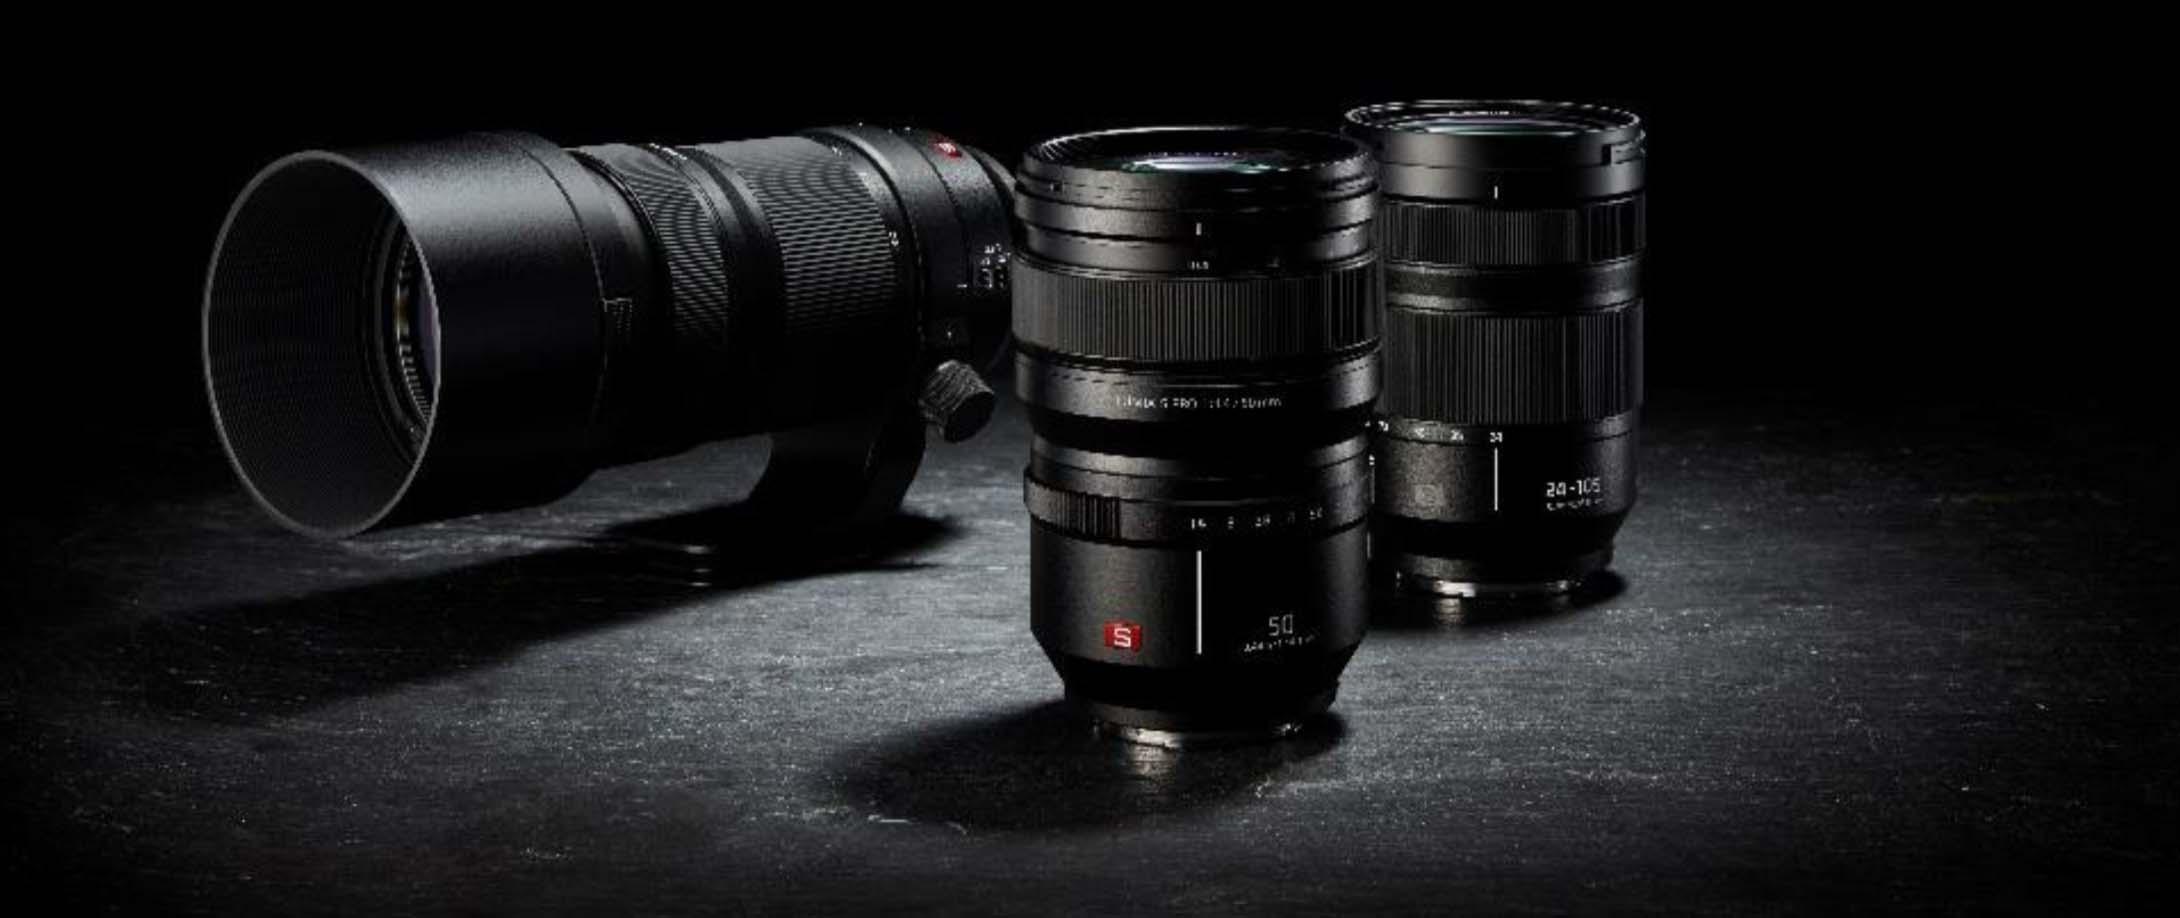 Obiettivi Lumix S per le nuove FF Panasonic Lumix S1 e S1R